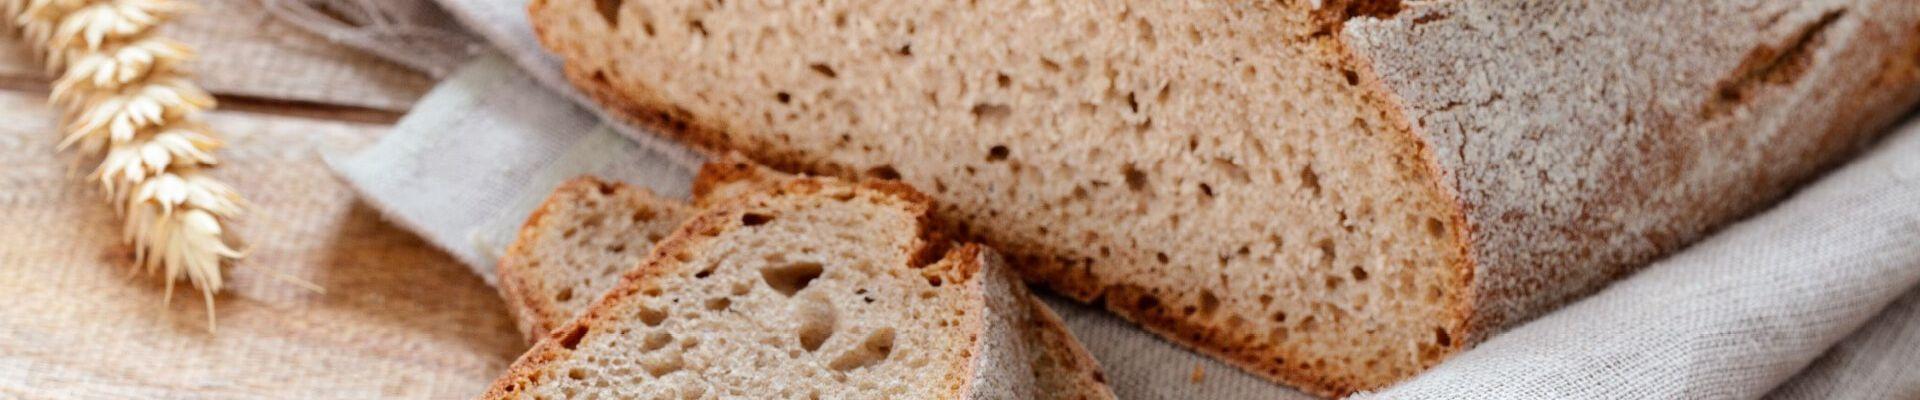 Brot & Steinbackofen